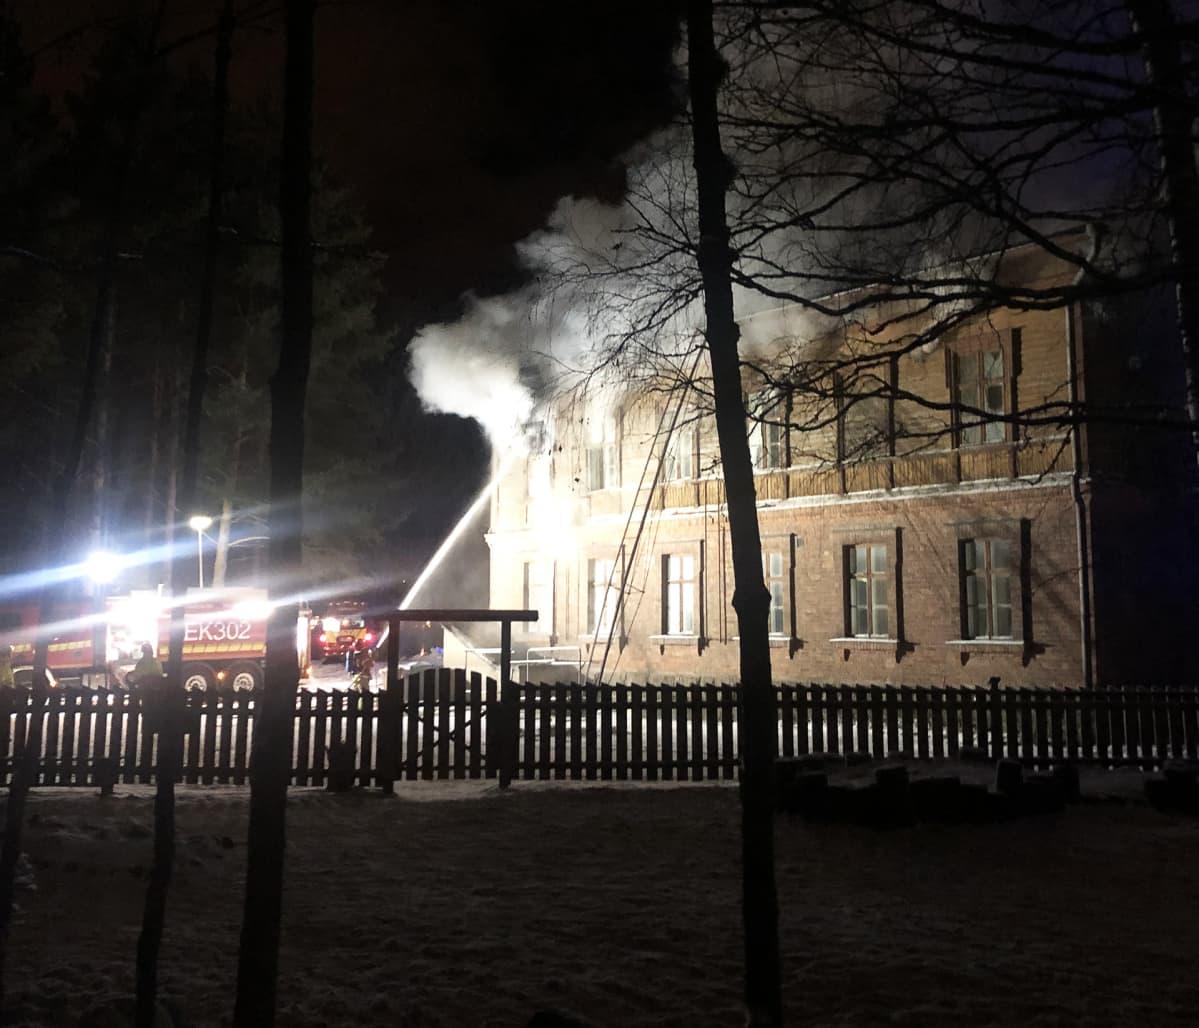 Steiner-koulun rakennus palaa Lappeenrannassa.